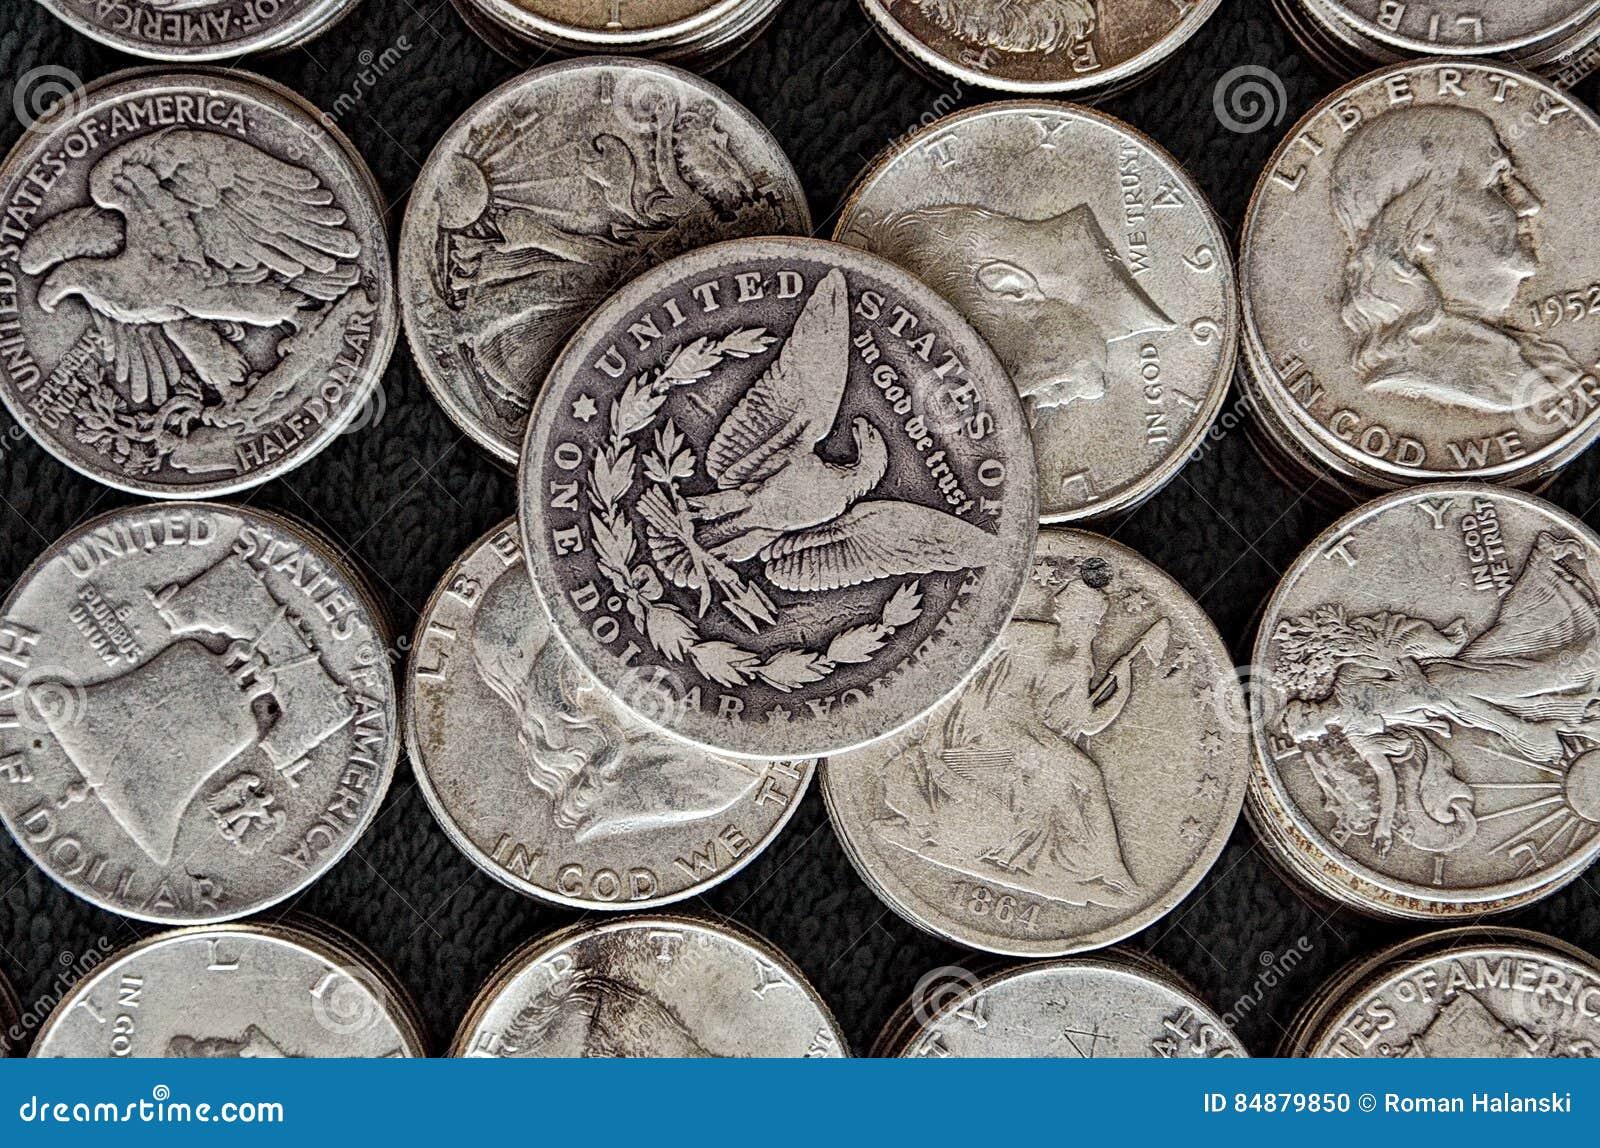 Valor ou derretimento numismático? As metades têm-no!